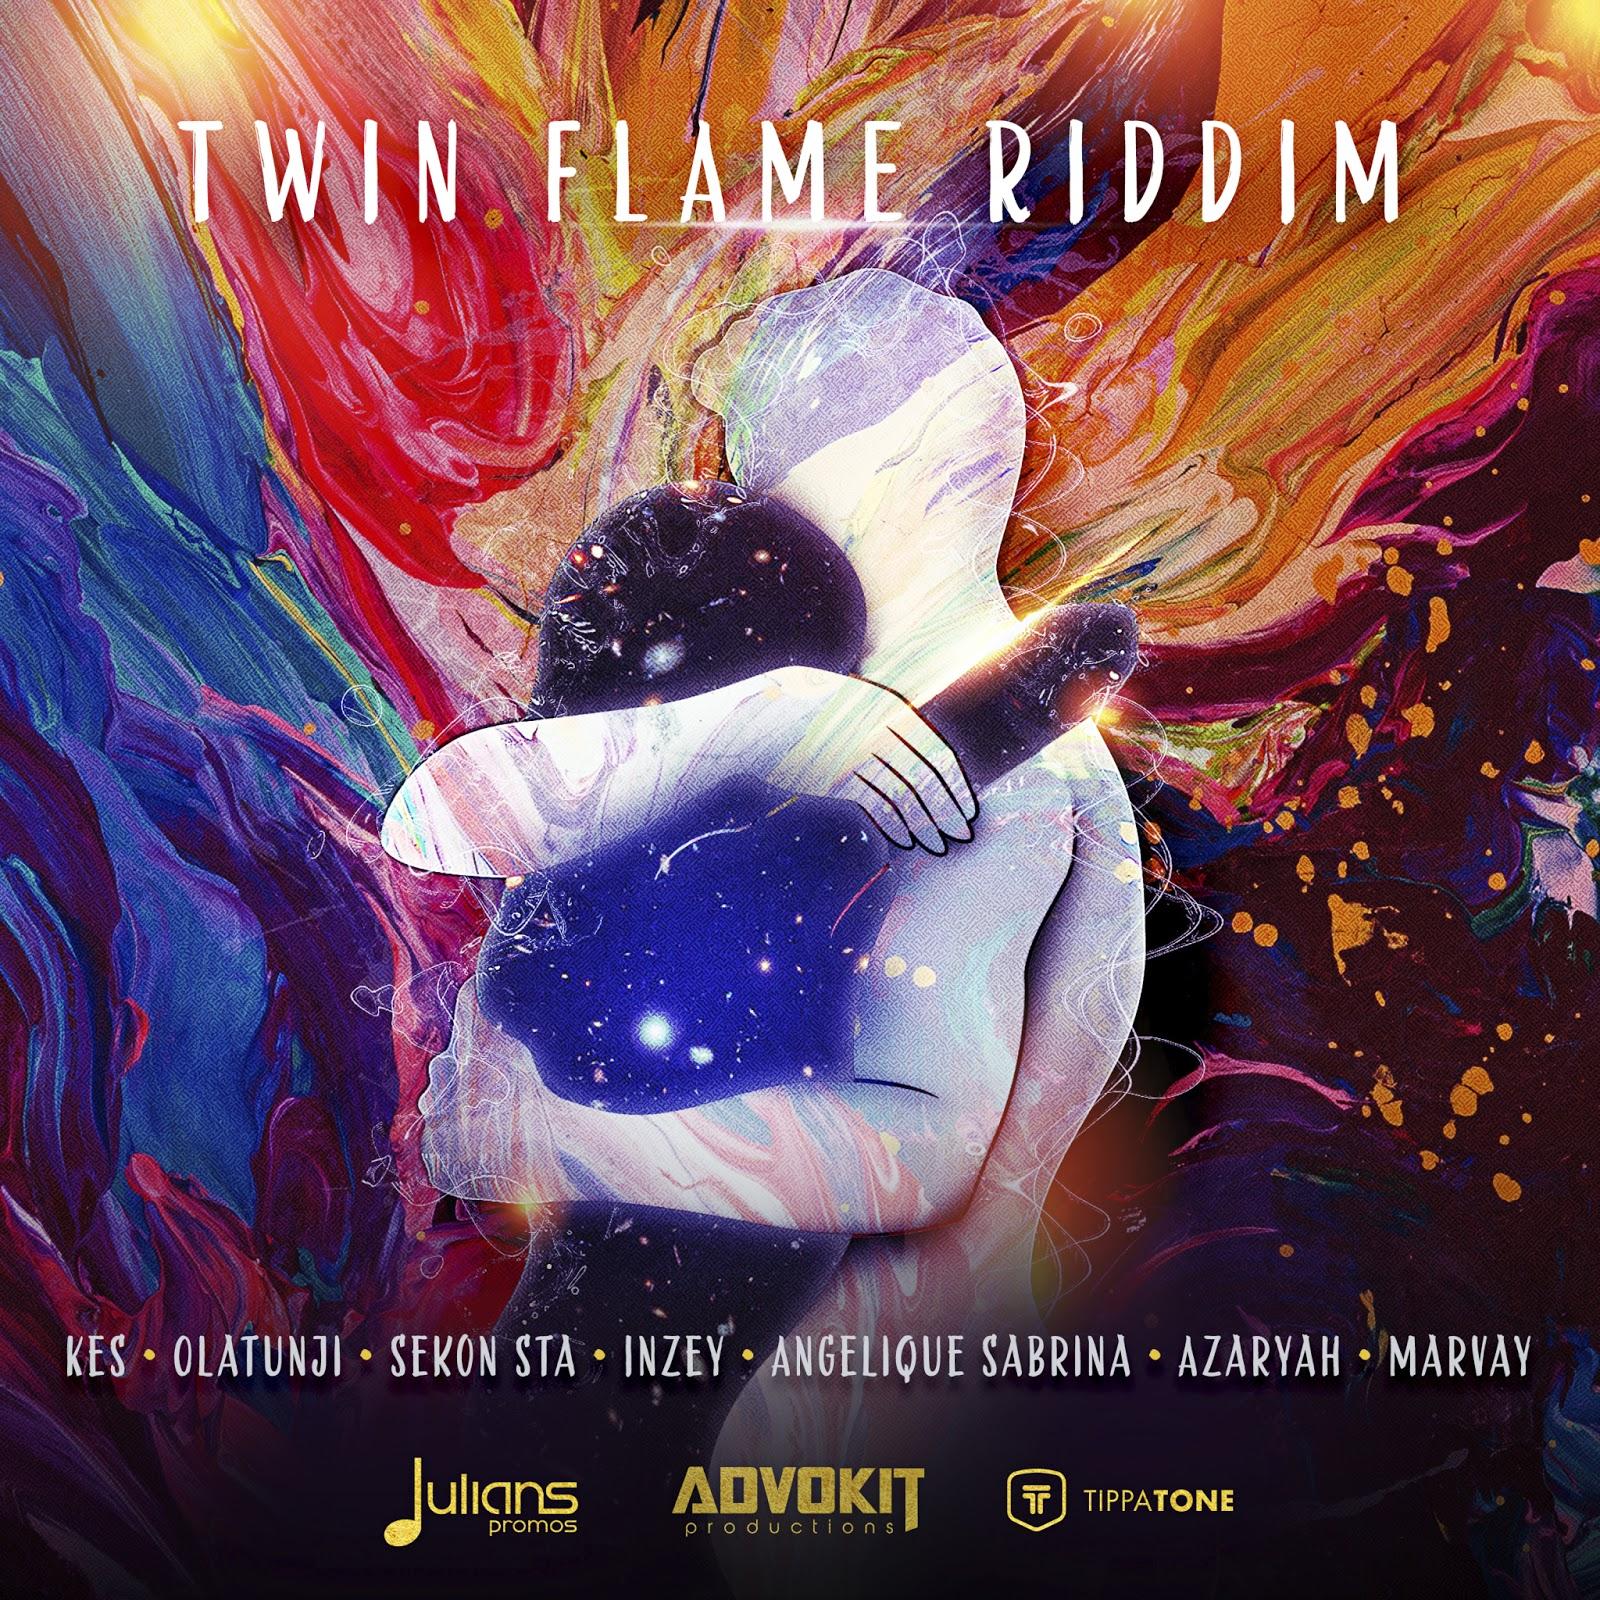 Explicit Soundz Jams: Twin Flame Riddim